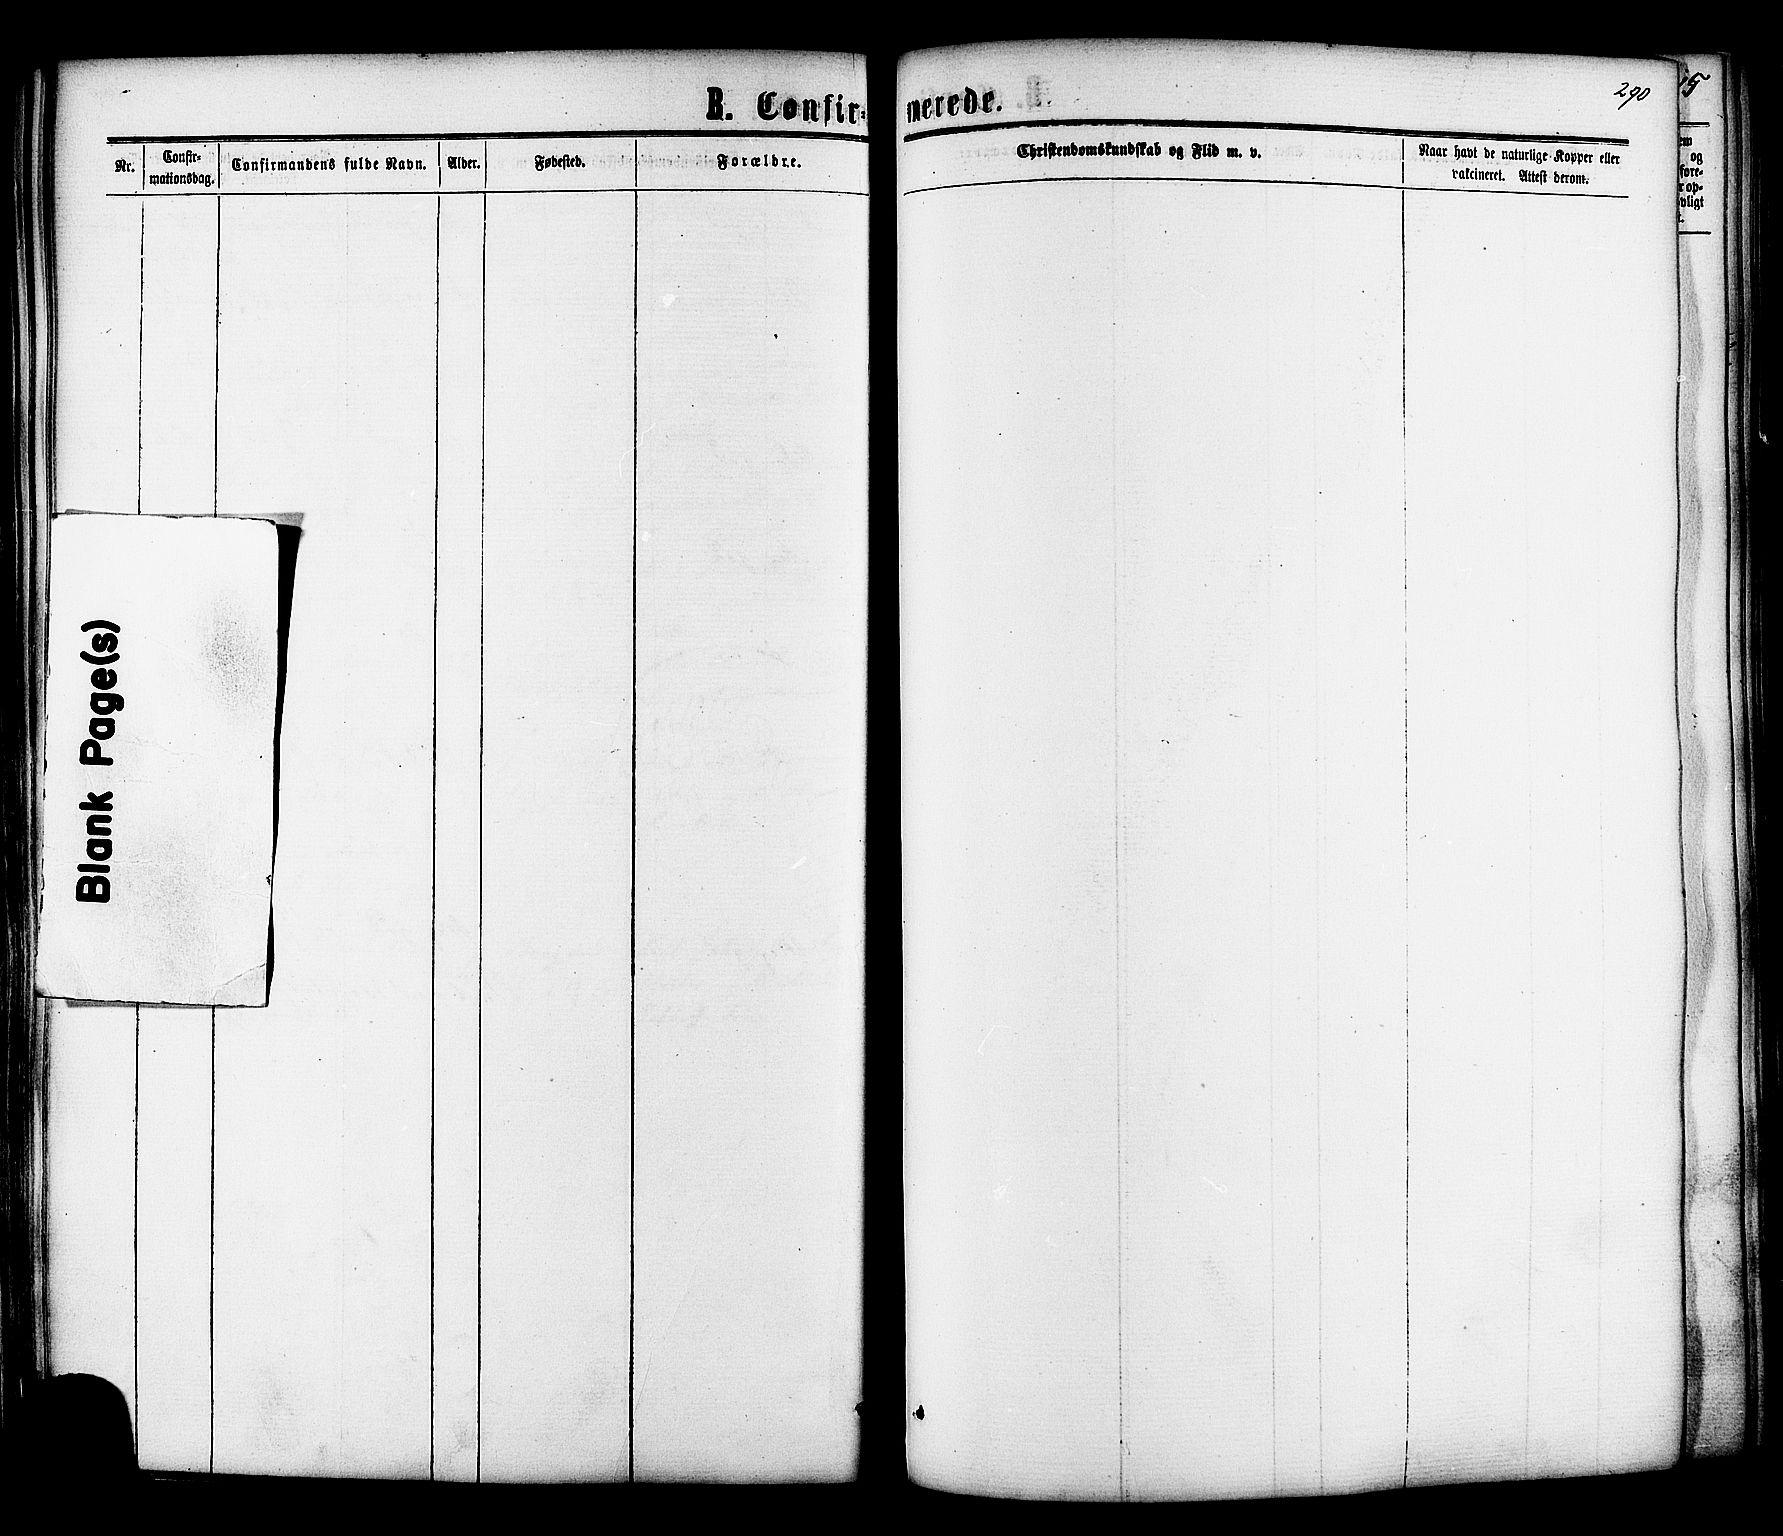 SAT, Ministerialprotokoller, klokkerbøker og fødselsregistre - Sør-Trøndelag, 606/L0293: Ministerialbok nr. 606A08, 1866-1877, s. 290